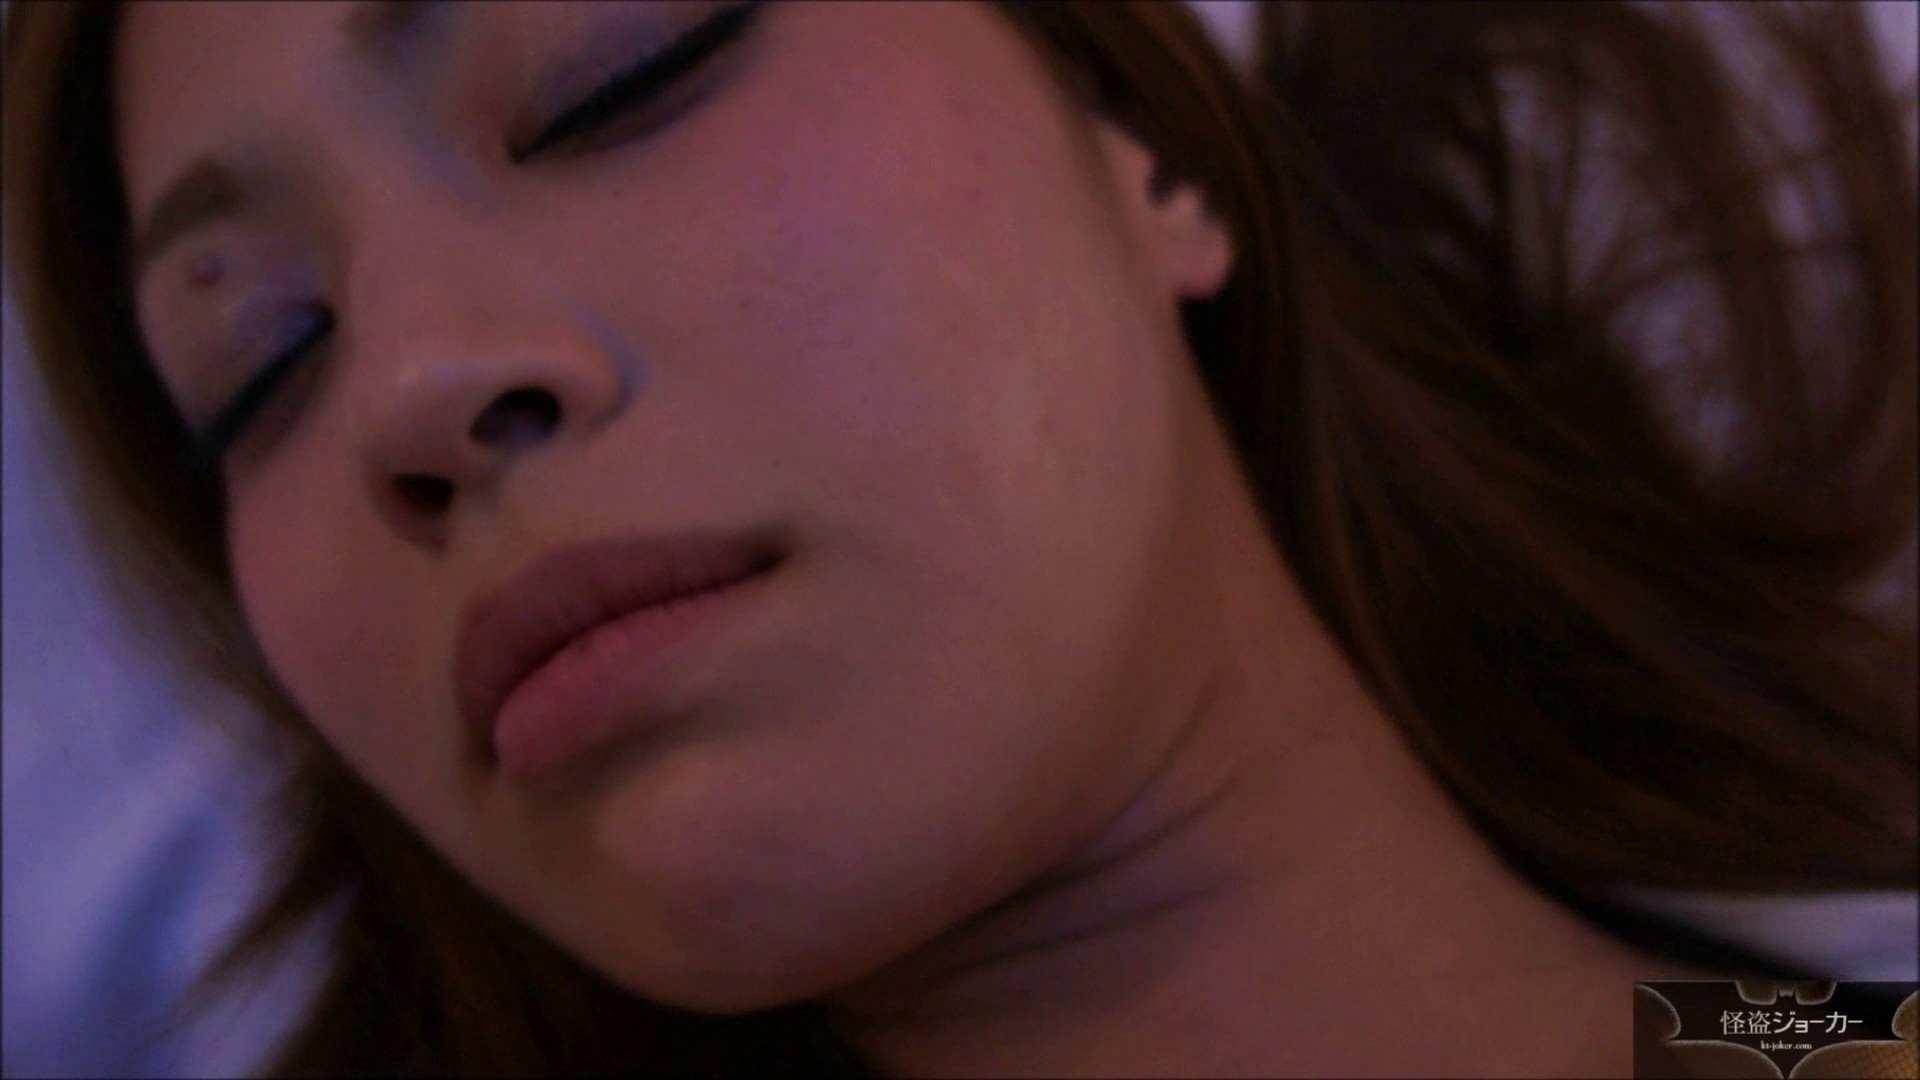 【未公開】vol.8 セレブ美魔女・ユキさんとの密会後・・・ OLハメ撮り  43Pix 30